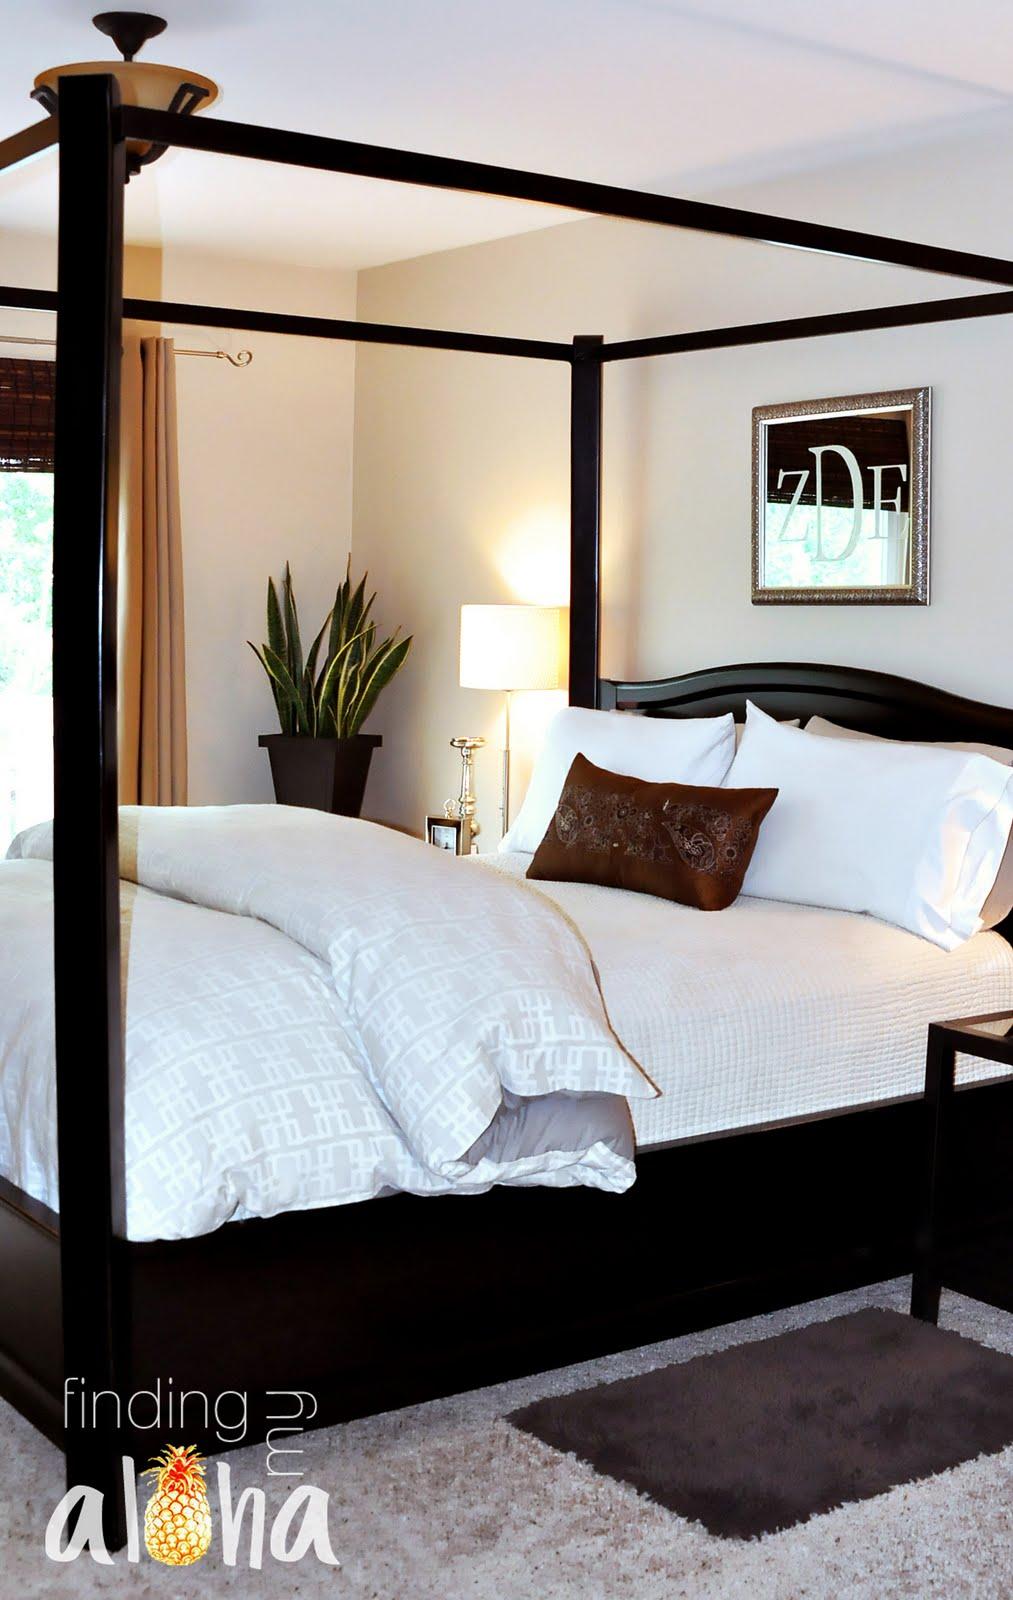 Costco Bed Sheets Recalls